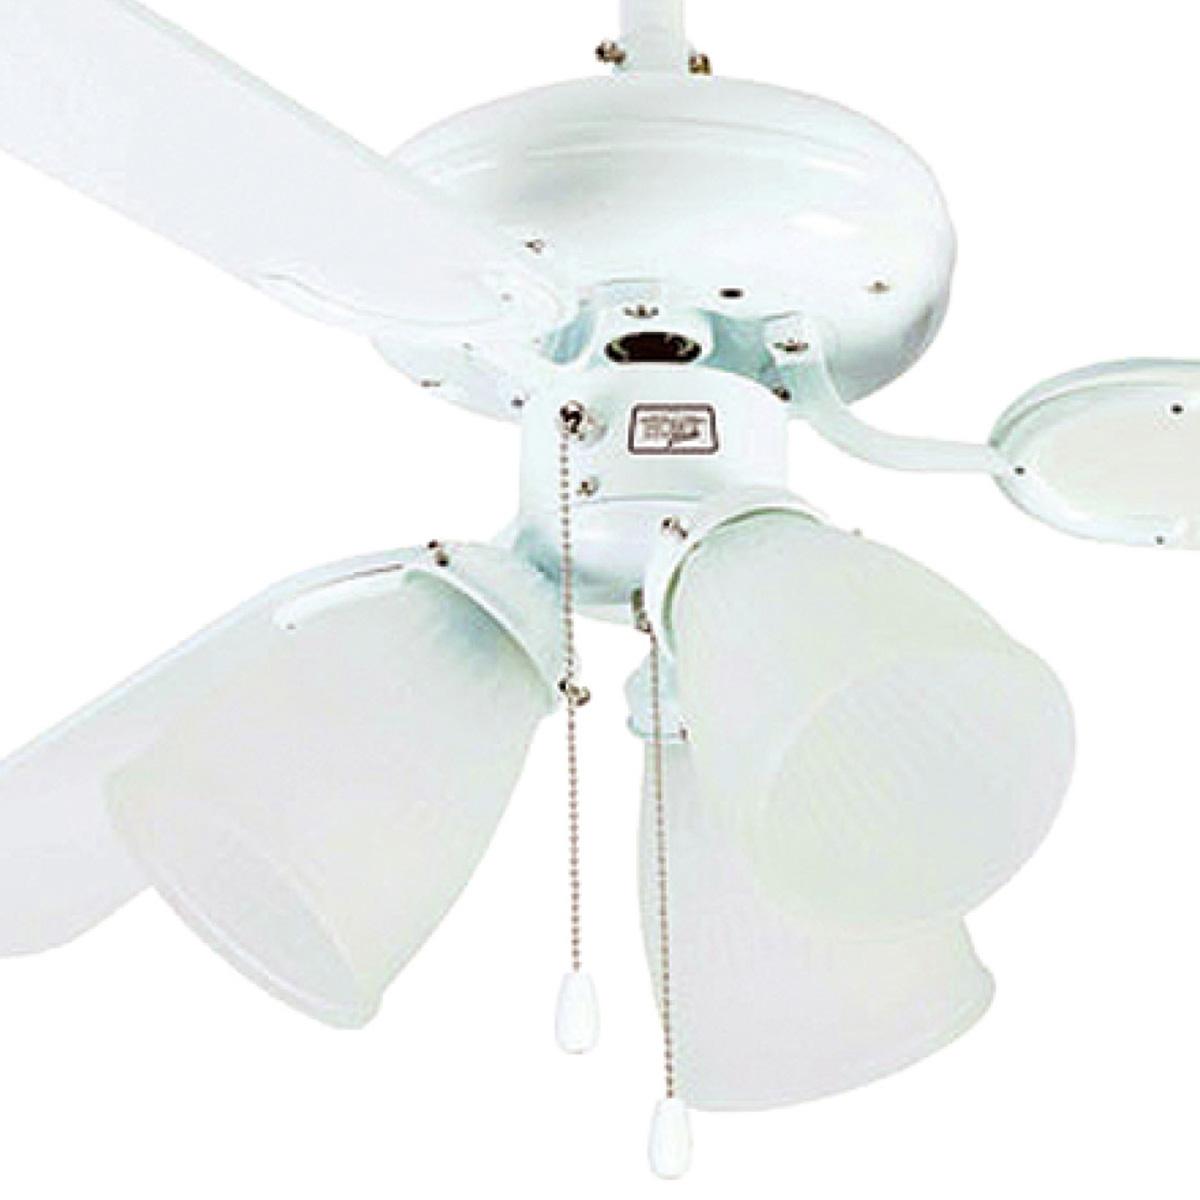 Ventilador De Teto Hl-42 3 Tulipas E-27 3 Pas Reversiveis (Branco / Cinza) Branco 110v Ou 220v